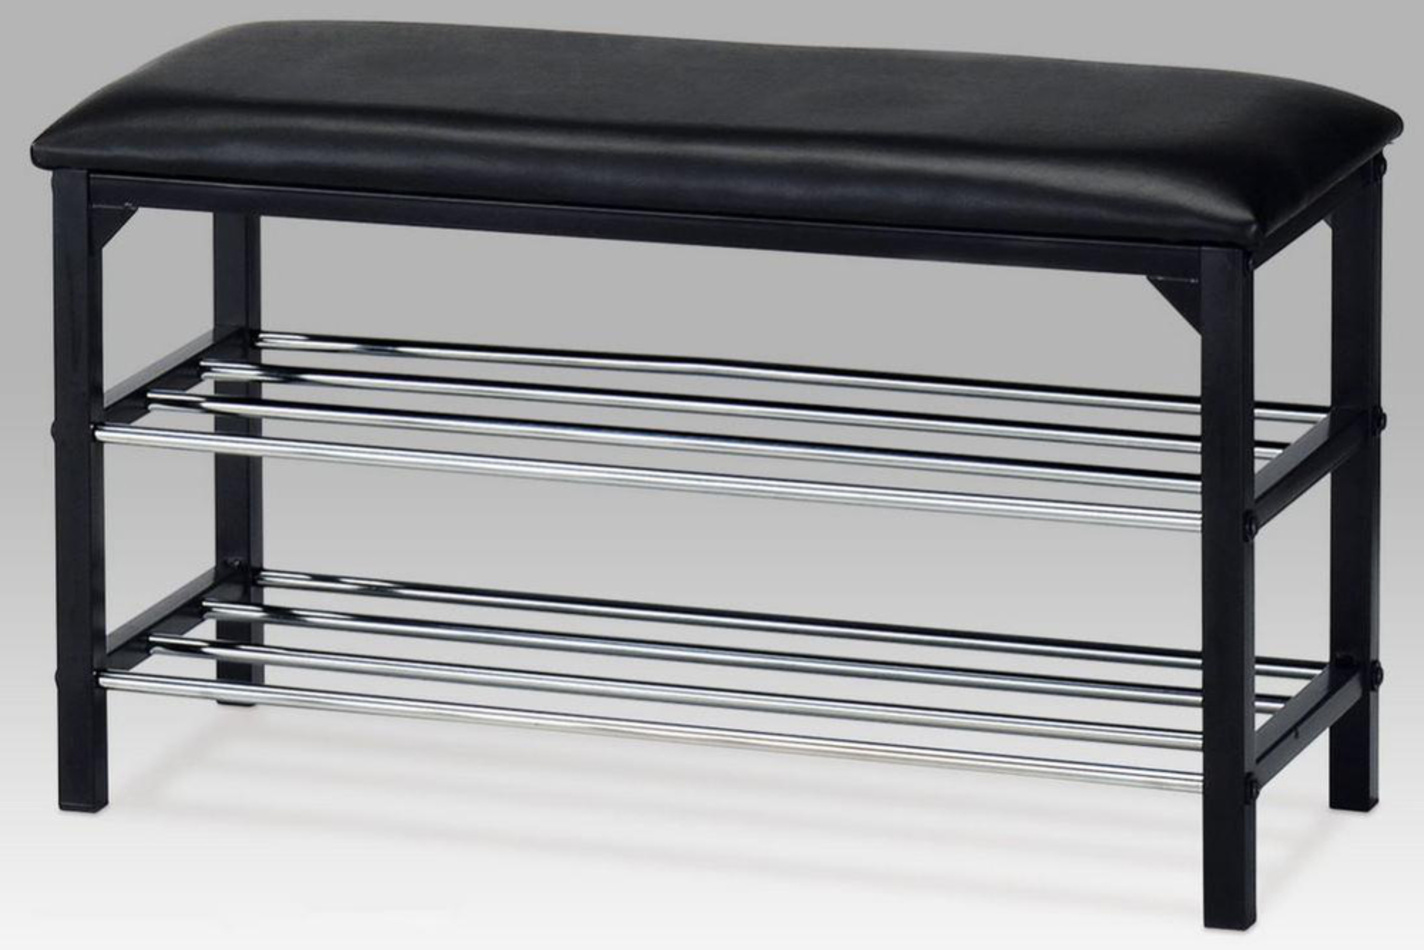 Botník/taburet 2 patra, černá, 83168-13 BK